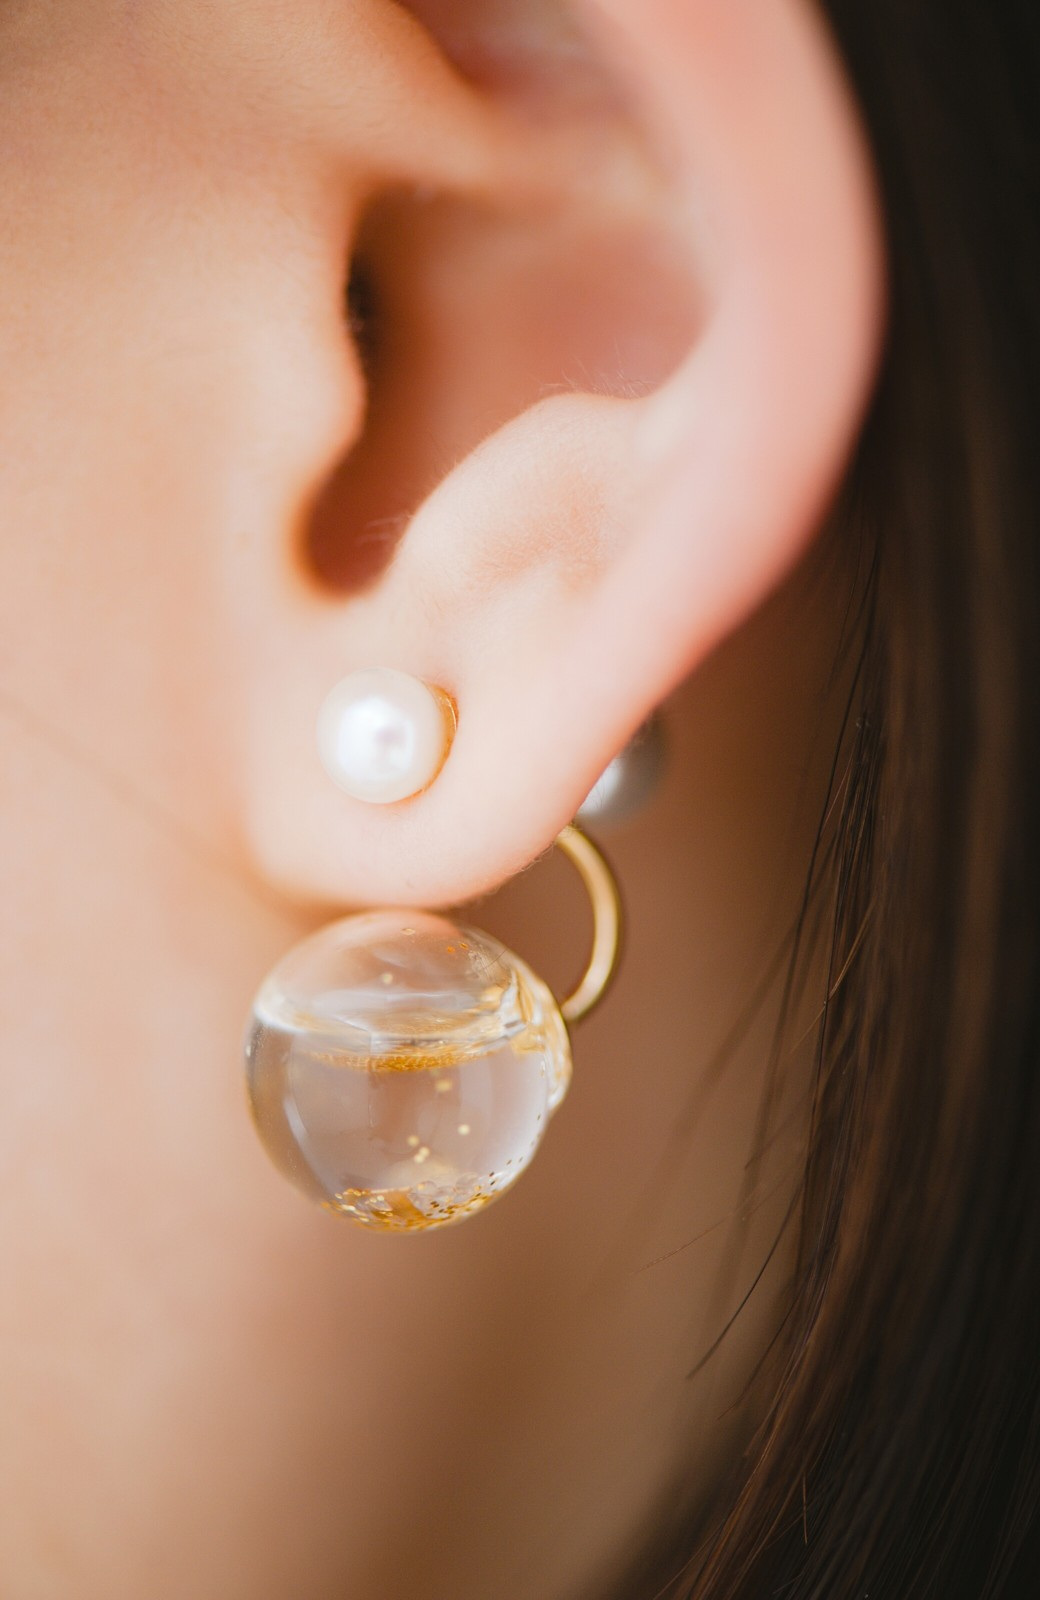 haco! てとひとて KANA MATSUNAMI チャリティー企画 Hanging glass dome 2wayピアス <ゴールド>の商品写真1